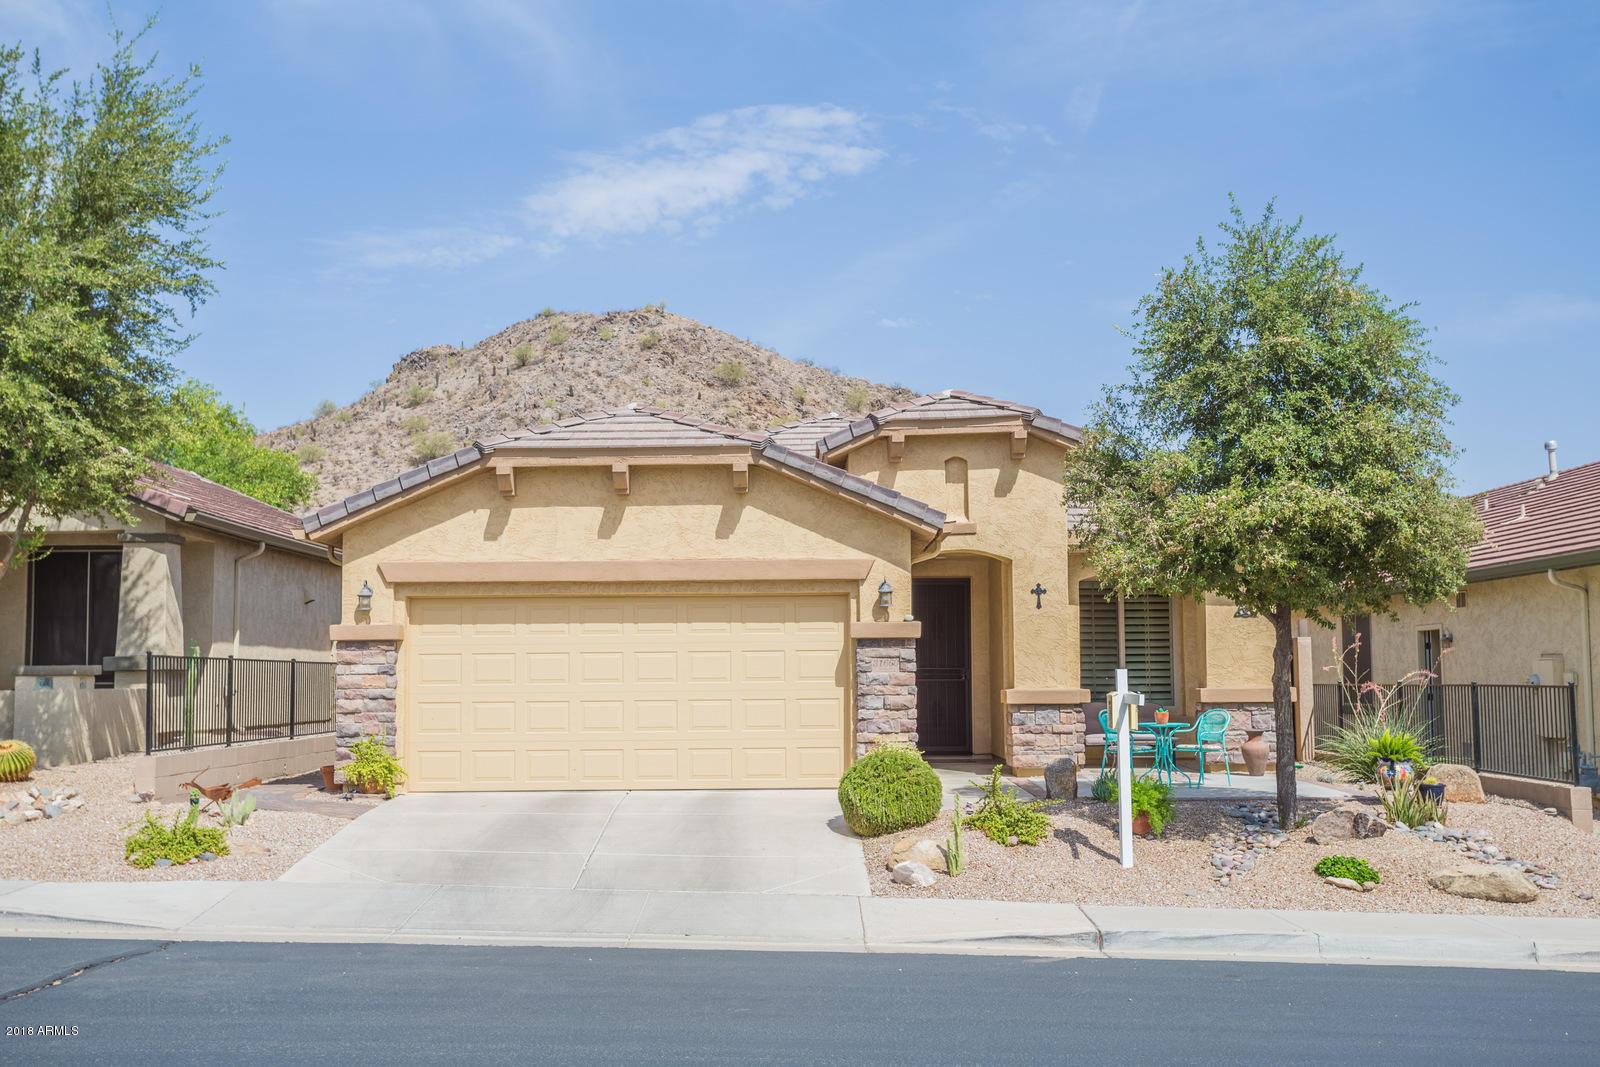 Photo for 31660 N Poncho Lane, San Tan Valley, AZ 85143 (MLS # 5800345)